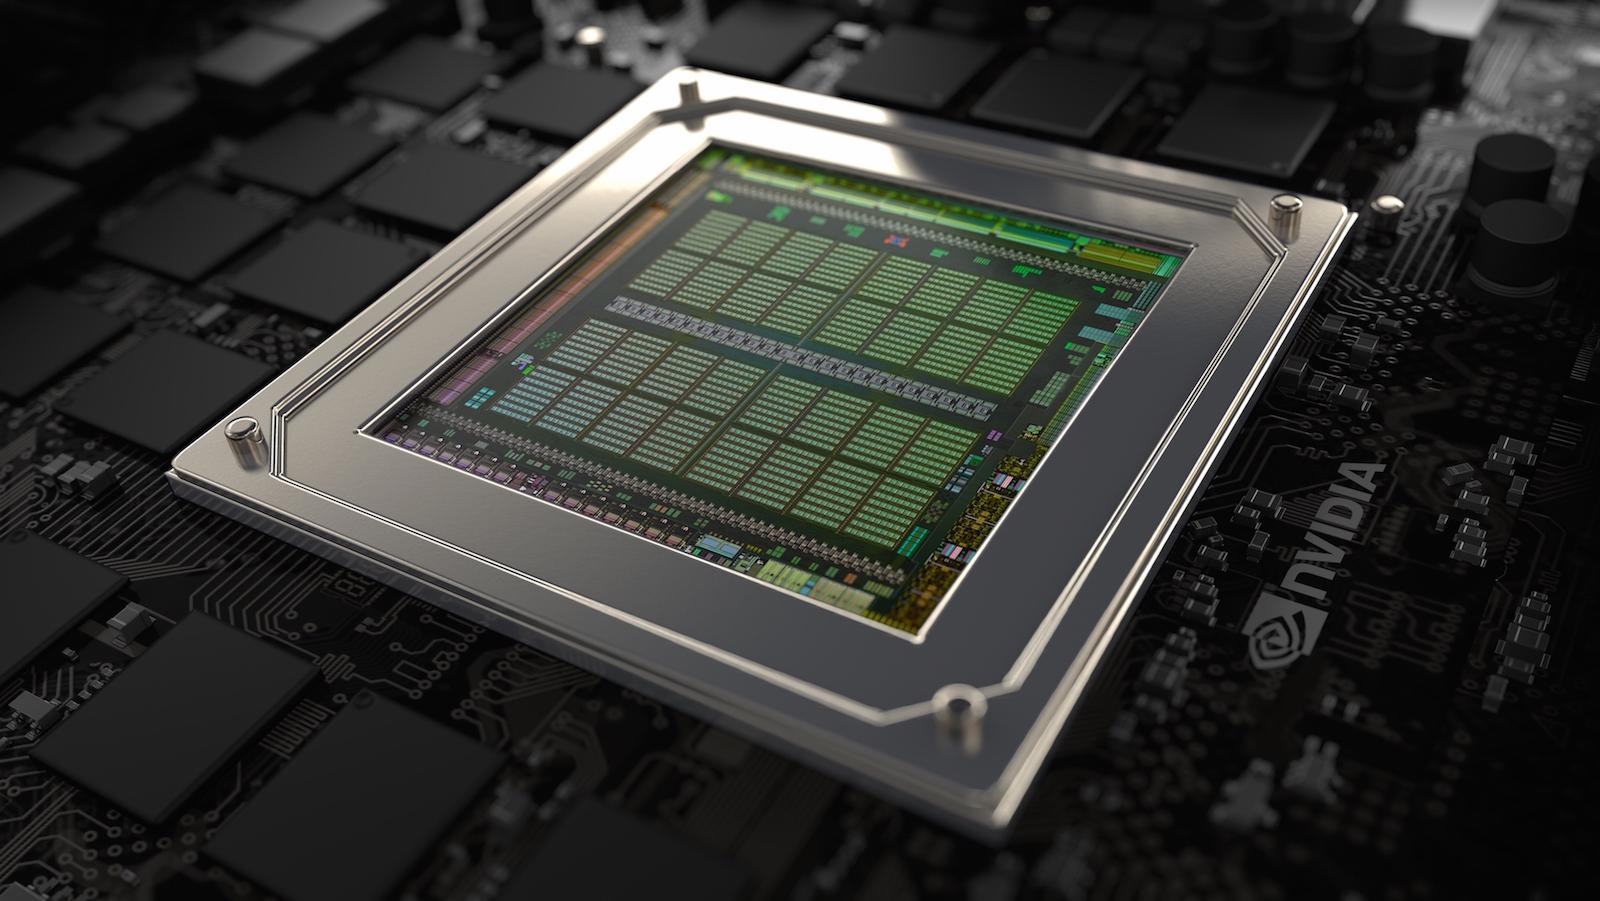 NVIDIA GeForce GTX 980 SLI (Notebook) - NotebookCheck net Tech